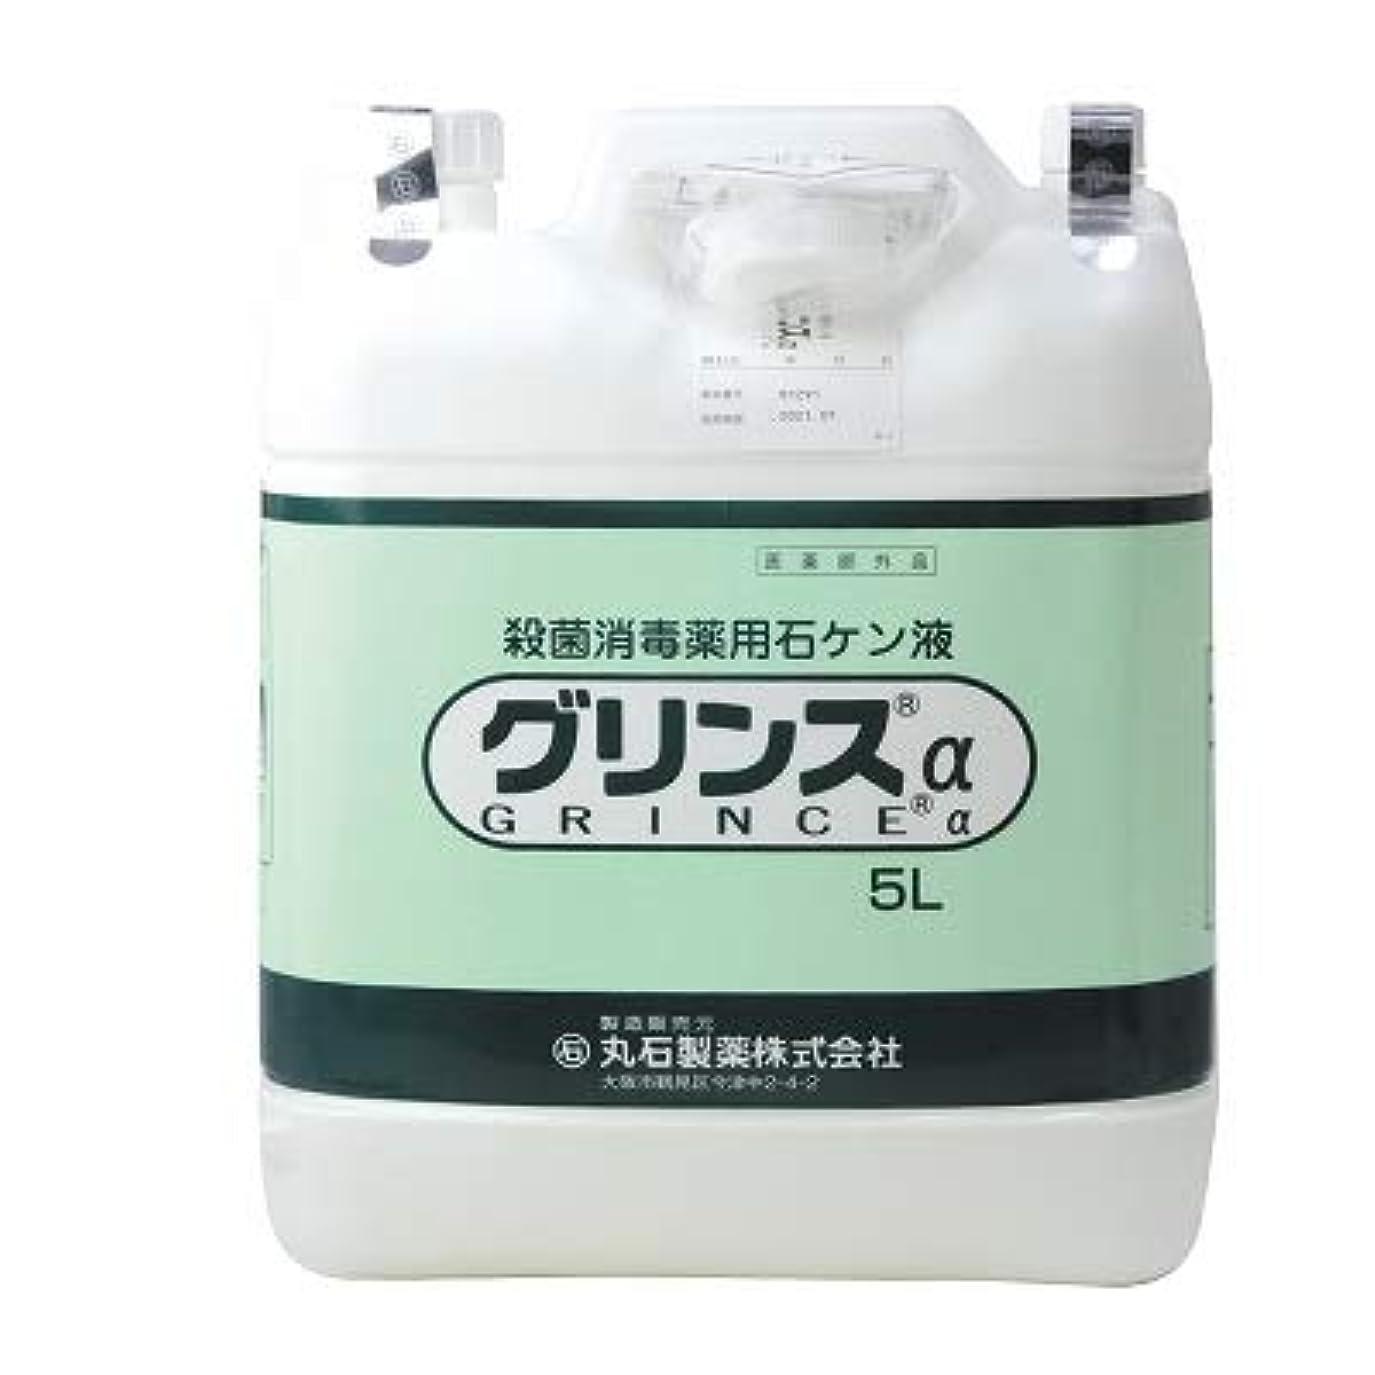 タンパク質スラム打たれたトラック【丸石製薬】グリンス 5L